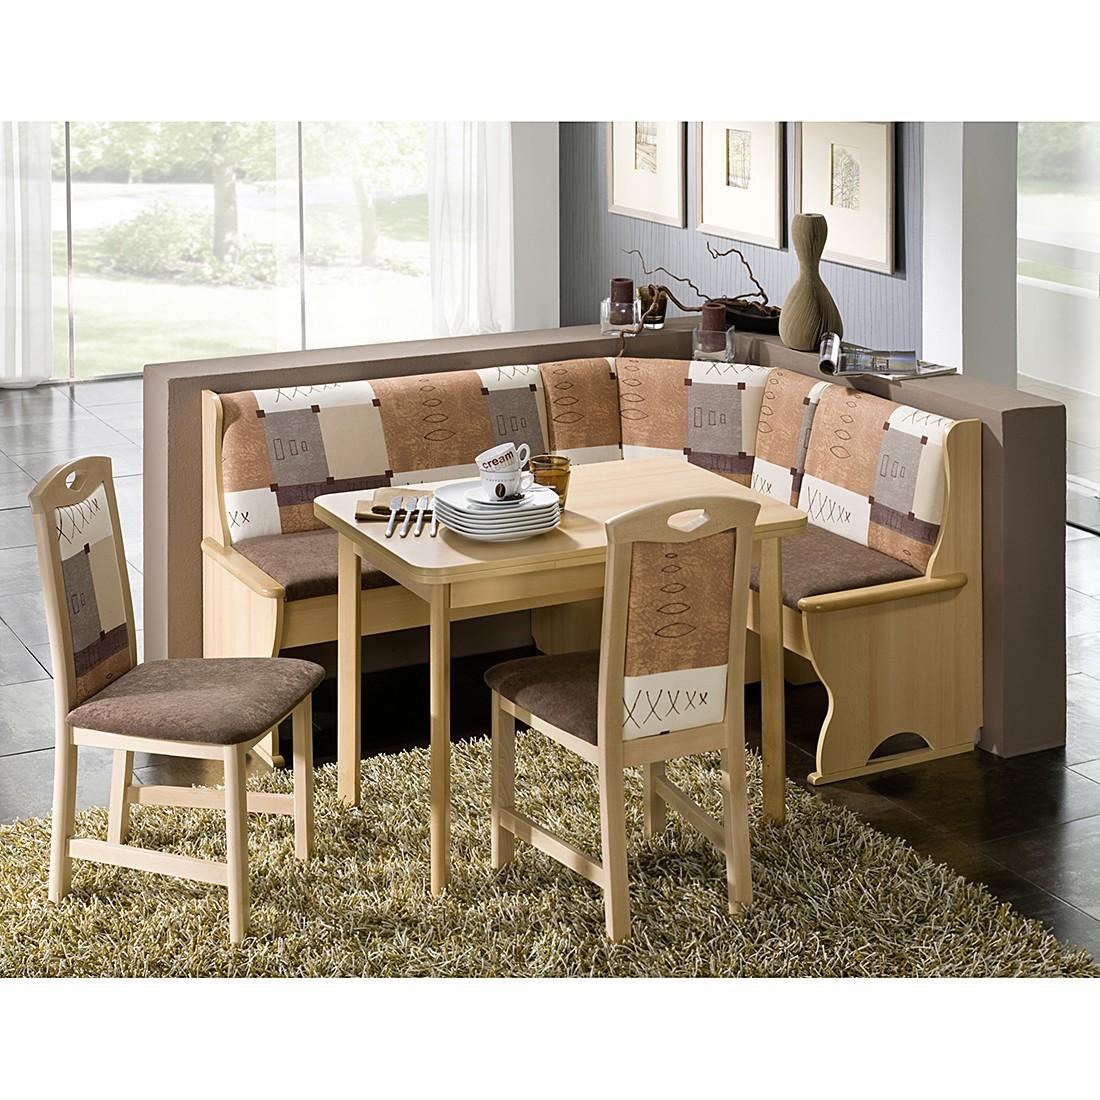 eckbankgruppen buche preisvergleich die besten angebote online kaufen. Black Bedroom Furniture Sets. Home Design Ideas